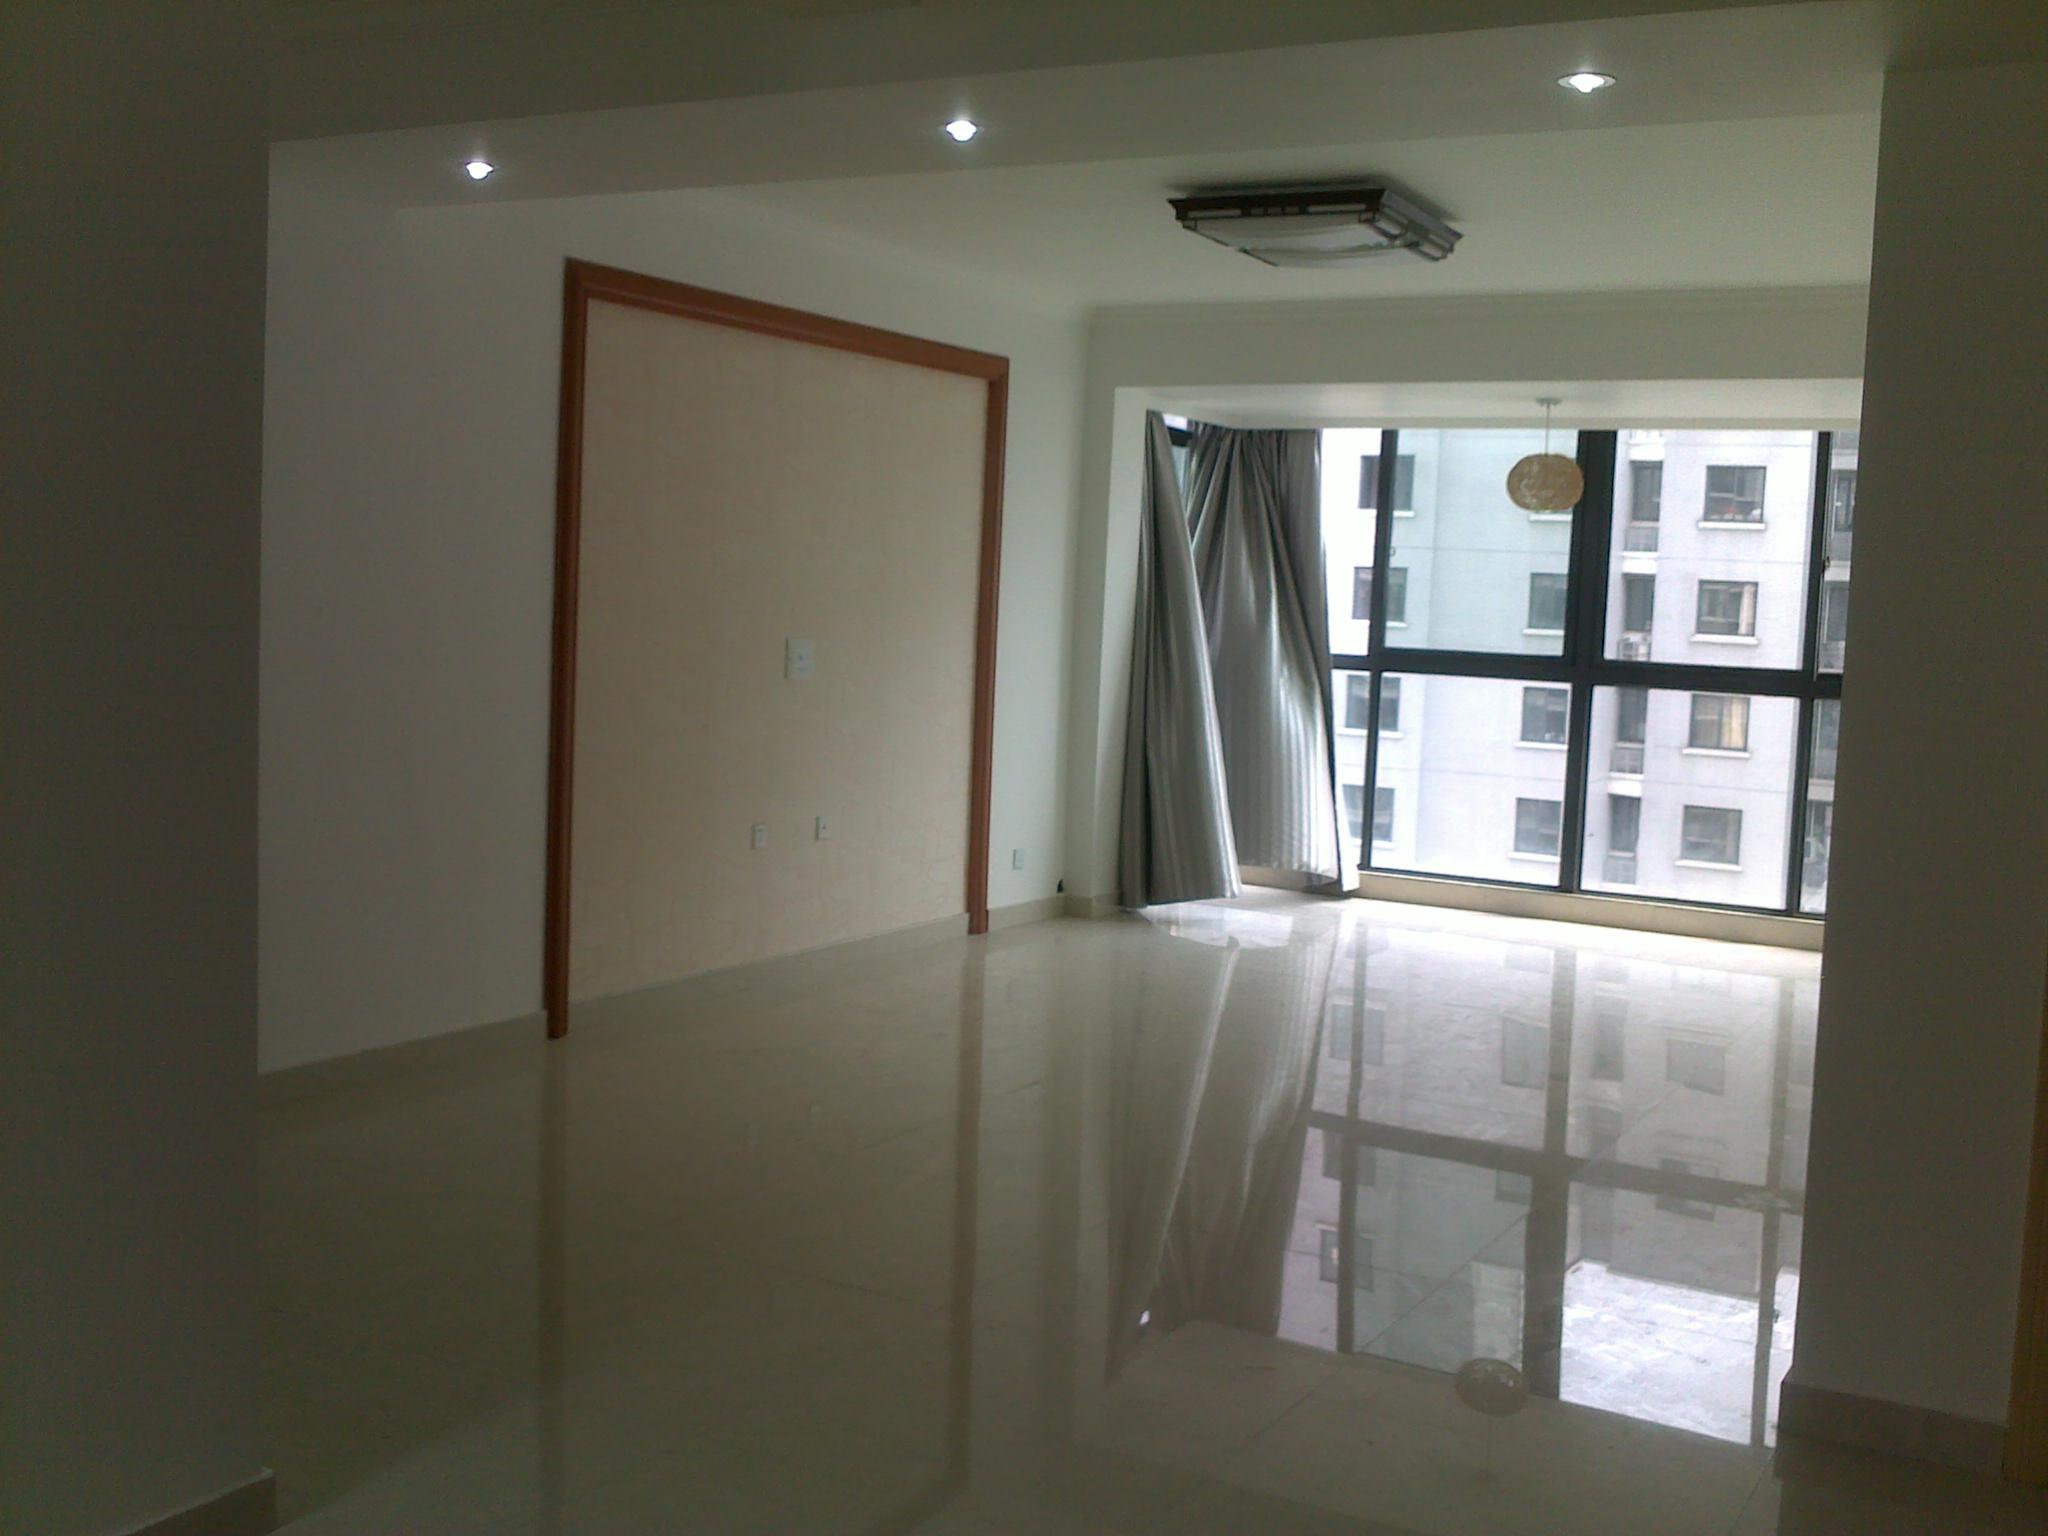 楼房装修图片130平米 2014楼房装修效果图片 120平米楼房